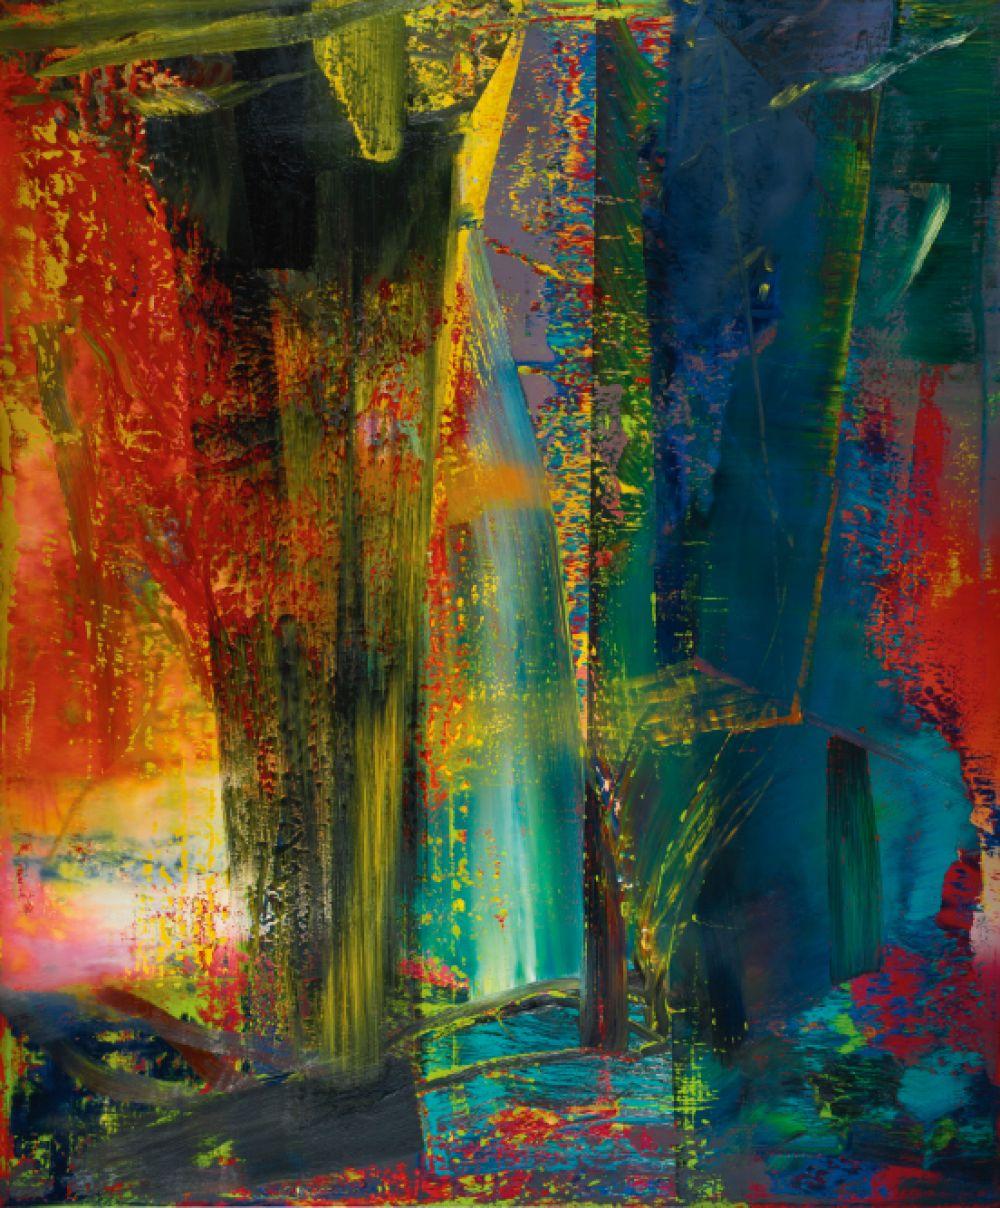 Произведения немецкого художника Герхарда Рихтера включены в собрания крупнейших музеев Европы. В 2015 году его «Абстрактная картина» ушла с молотка на аукционе Sothbey's за 46 млн долларов.